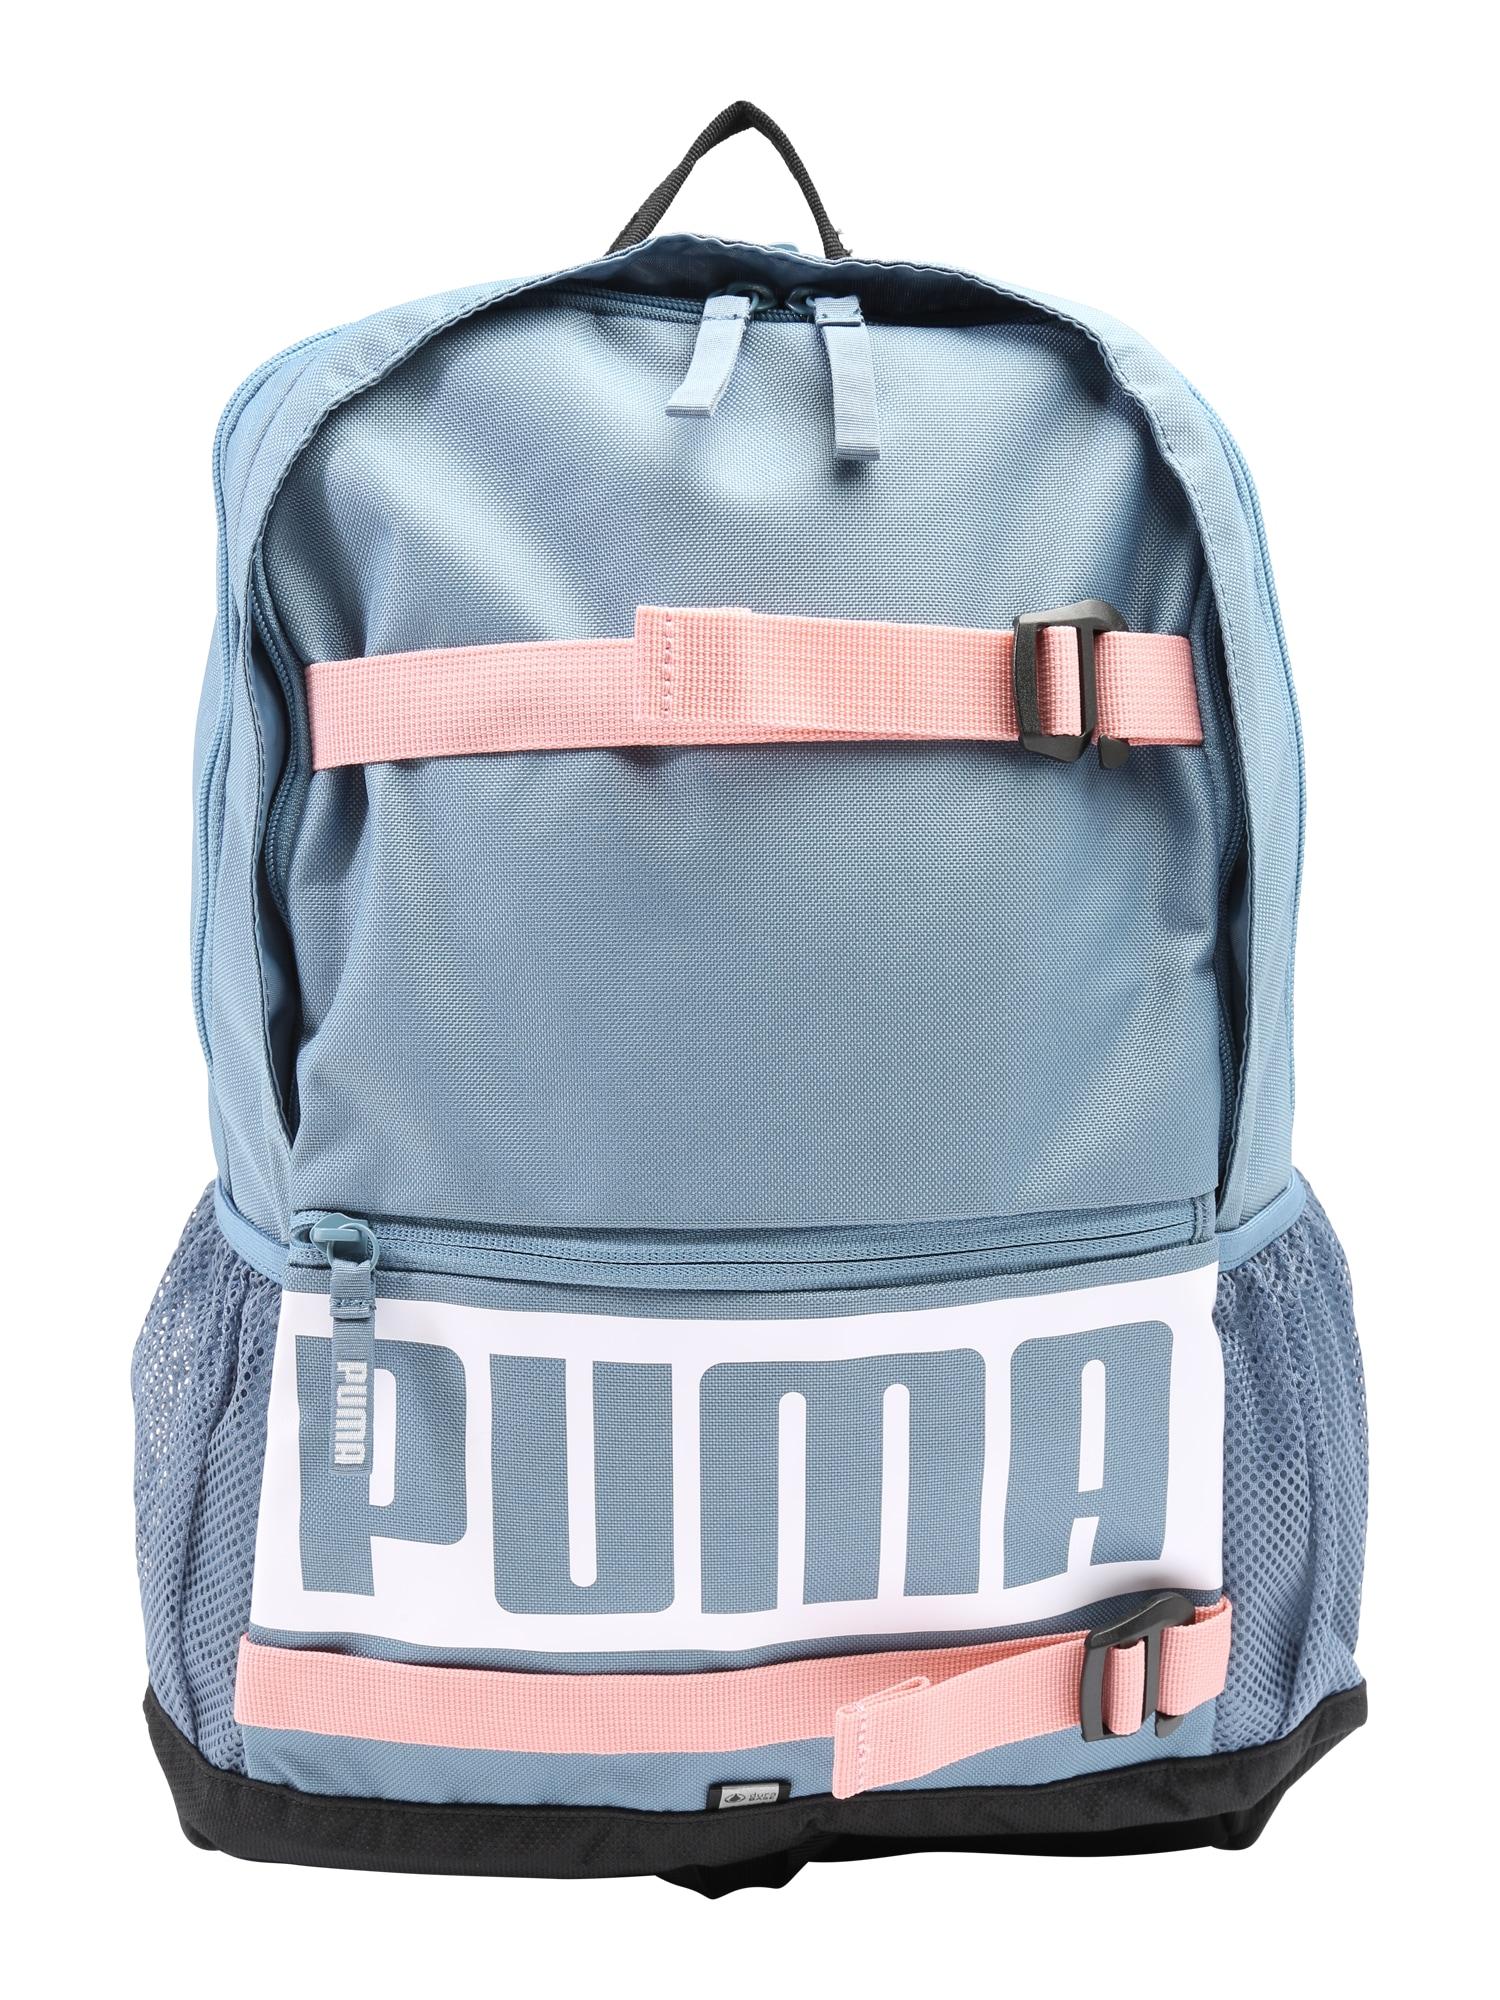 Sportovní batoh Deck světlemodrá růžová bílá PUMA